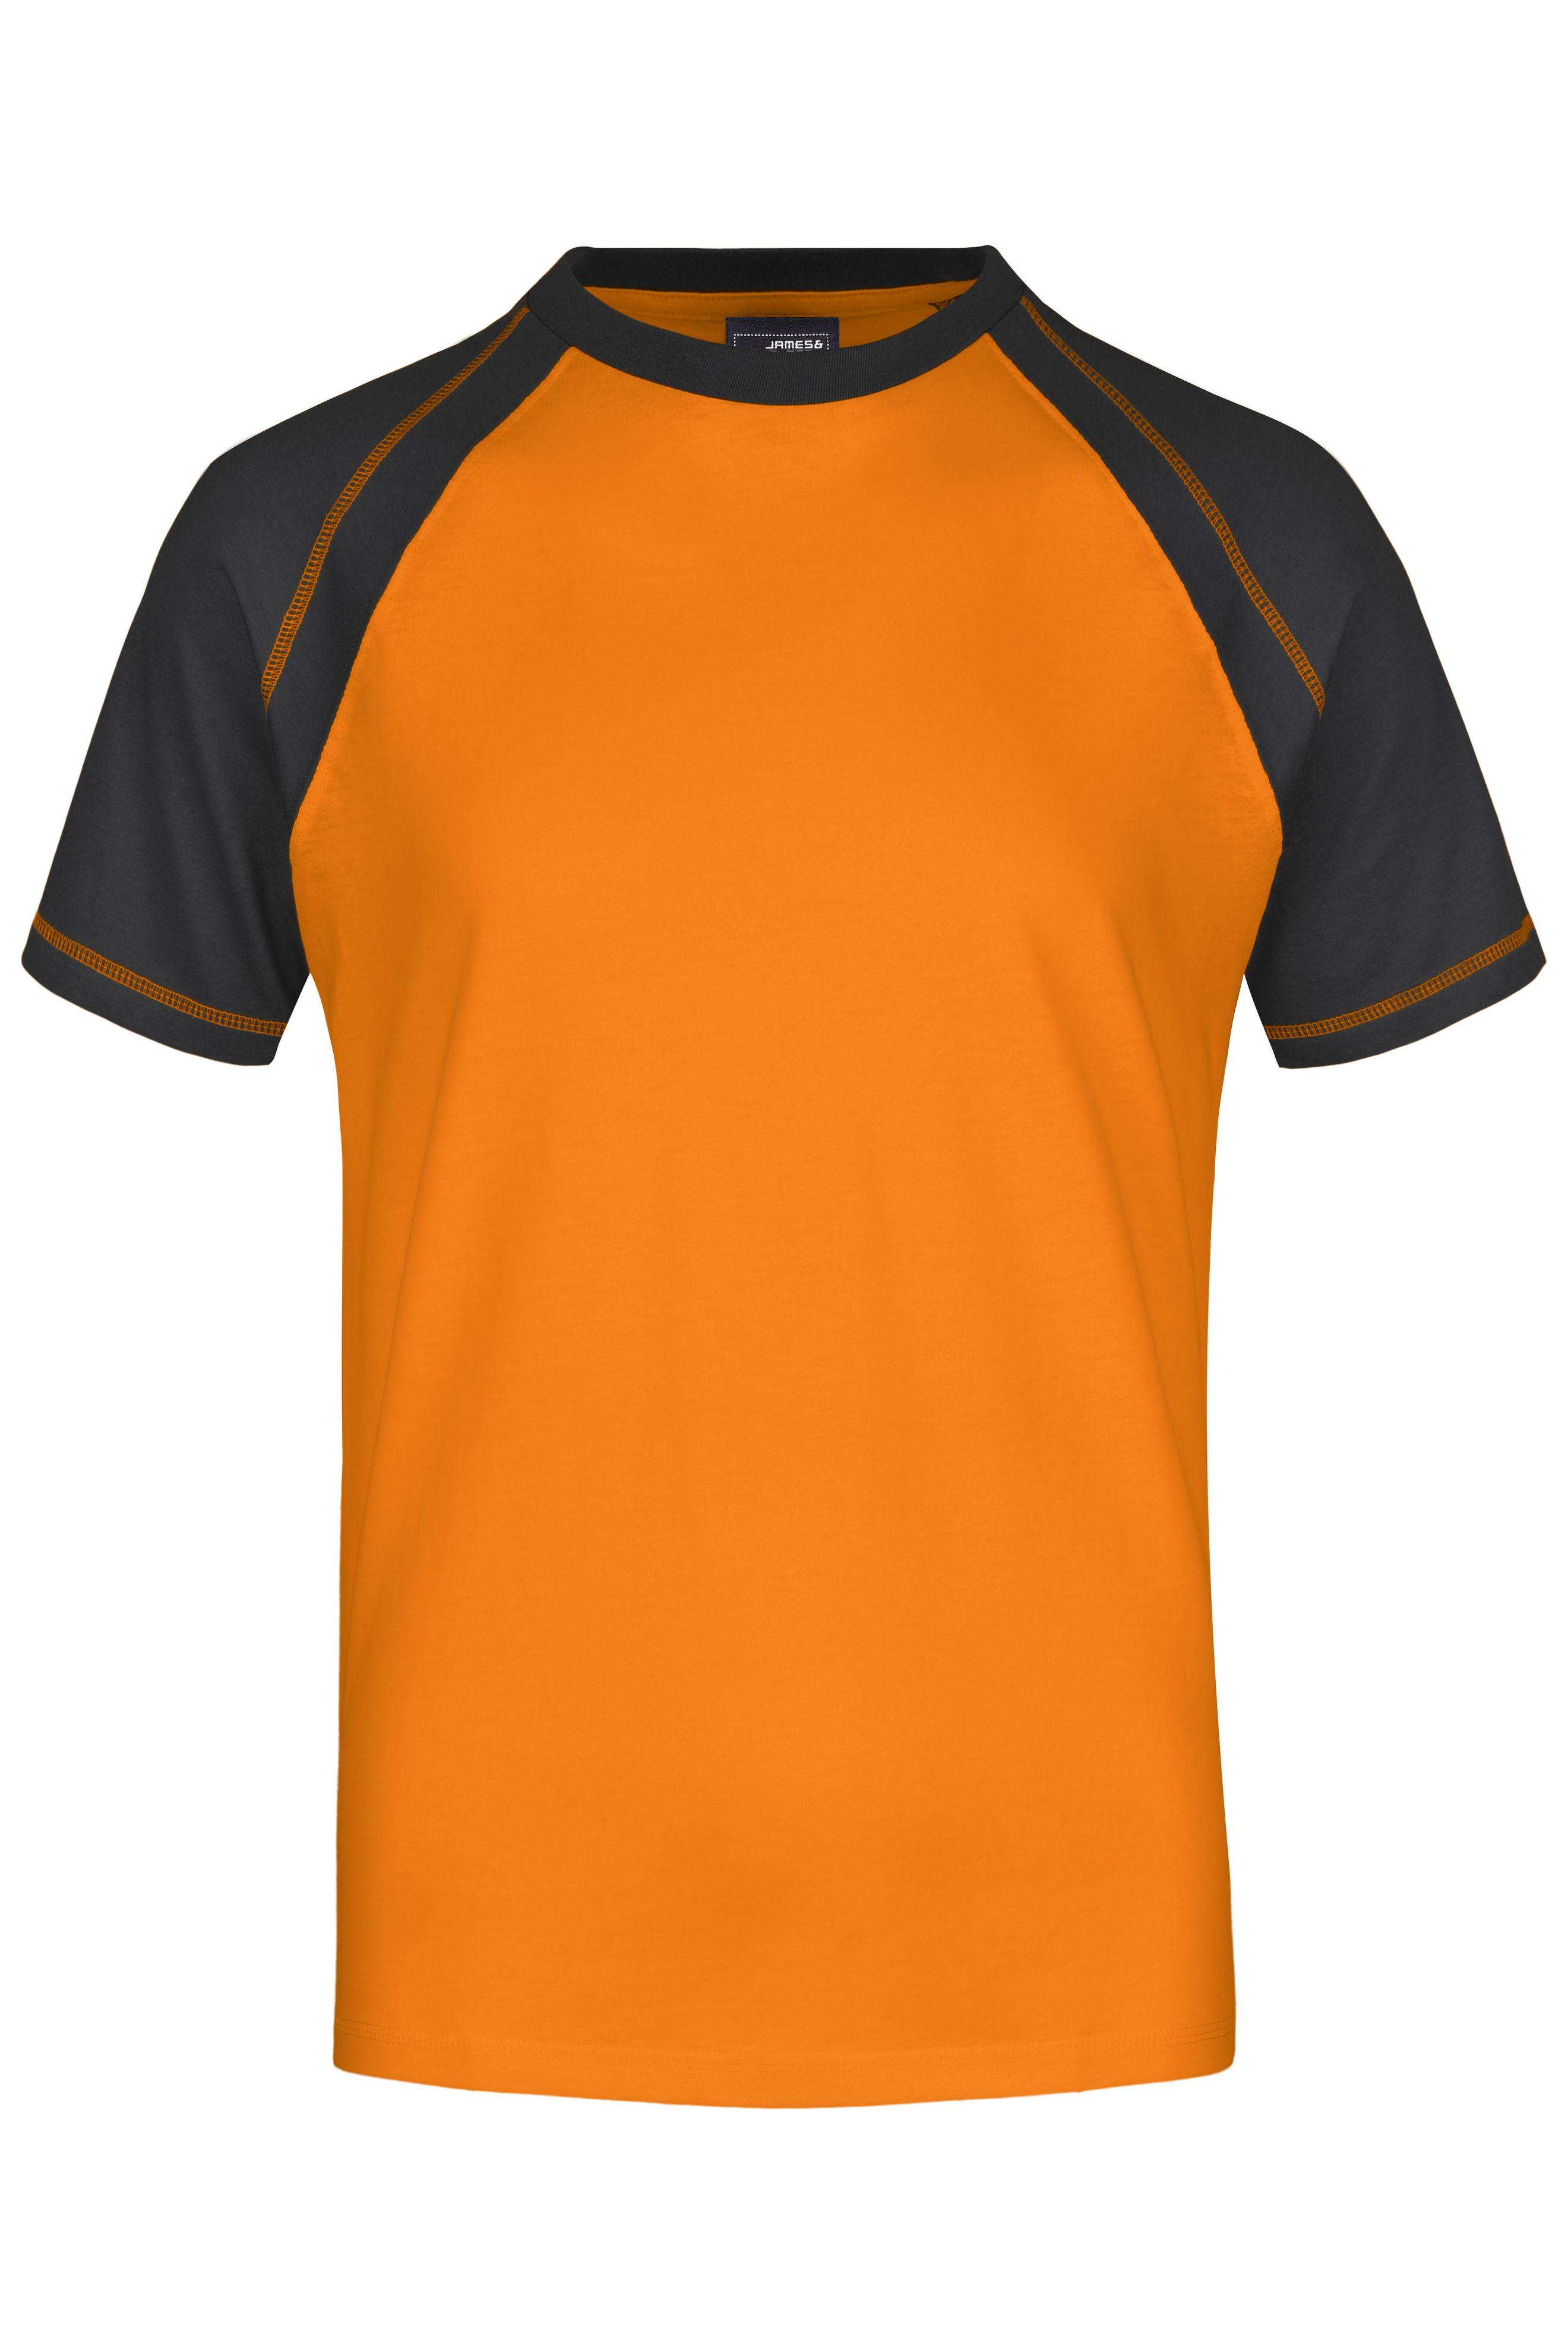 T-Shirt in sportlicher, zweifarbiger Optik